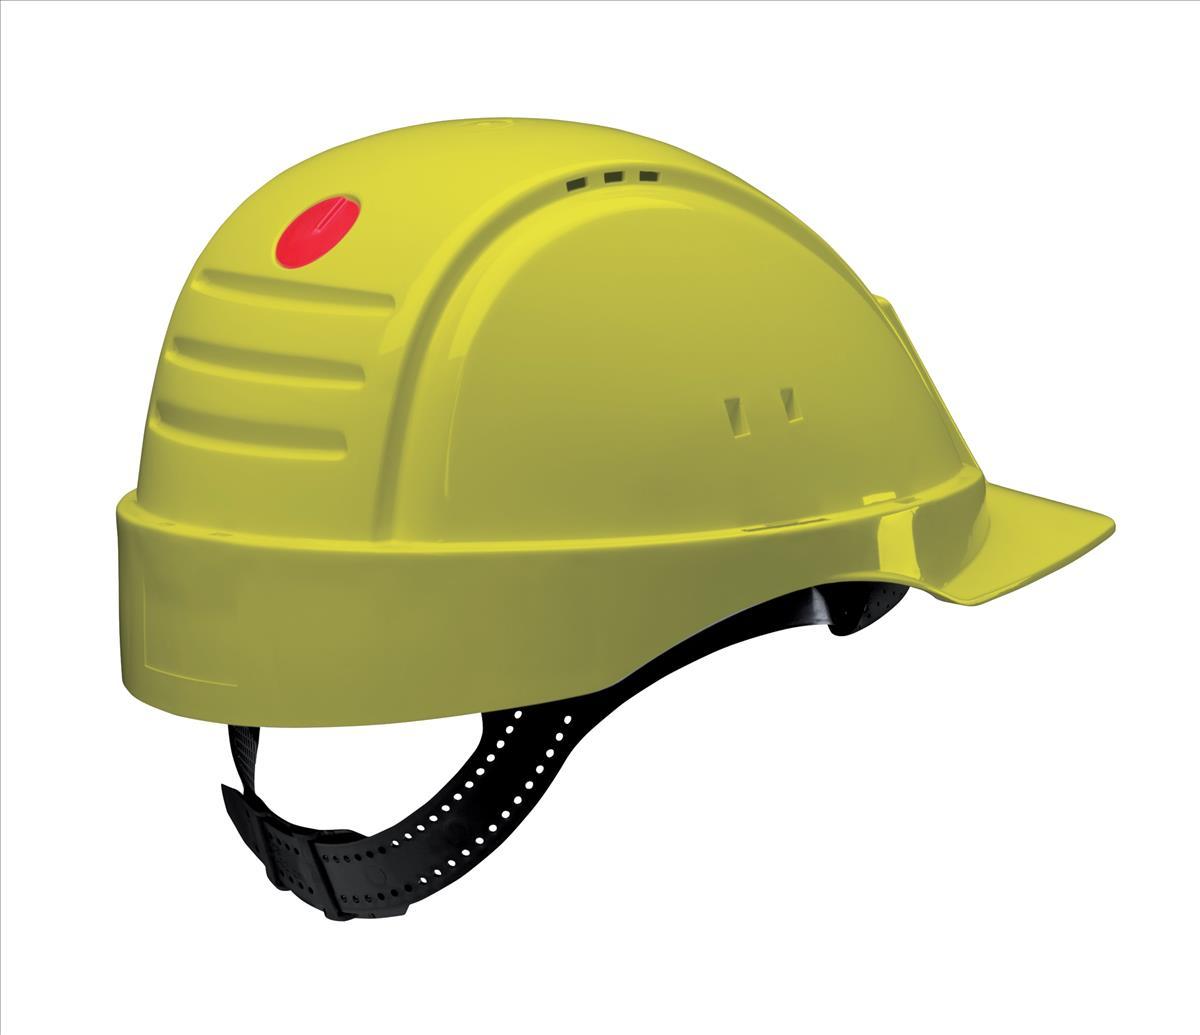 3M Solaris Saf Helmet Yell G2000CUV-GU